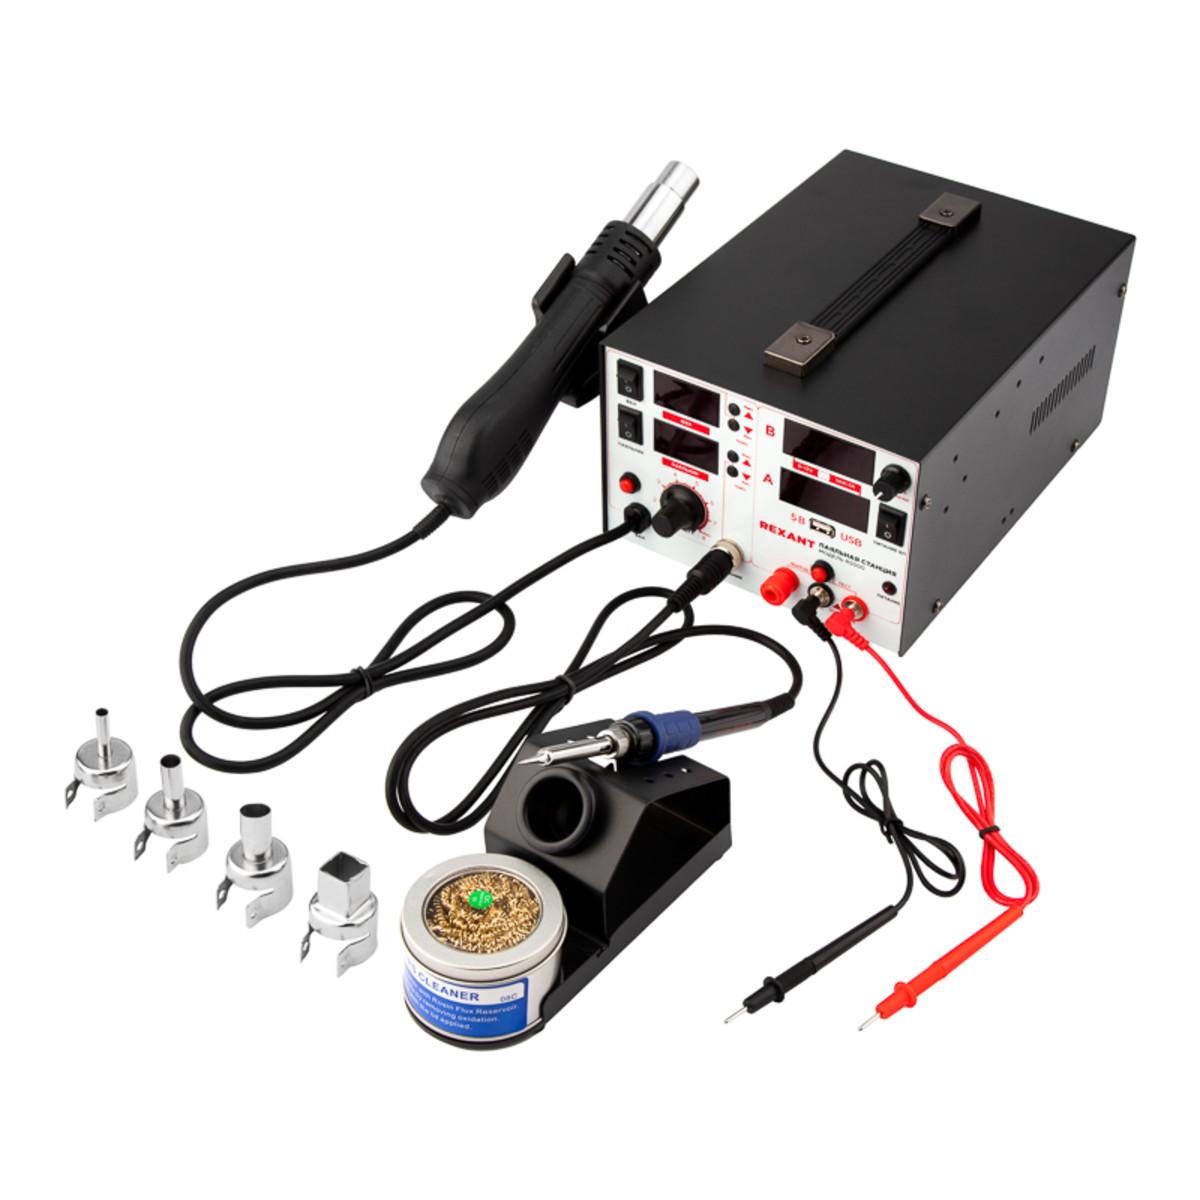 Паяльная станция Rexant 850 Вт с термофеном и цифровым дисплеем 12-0729